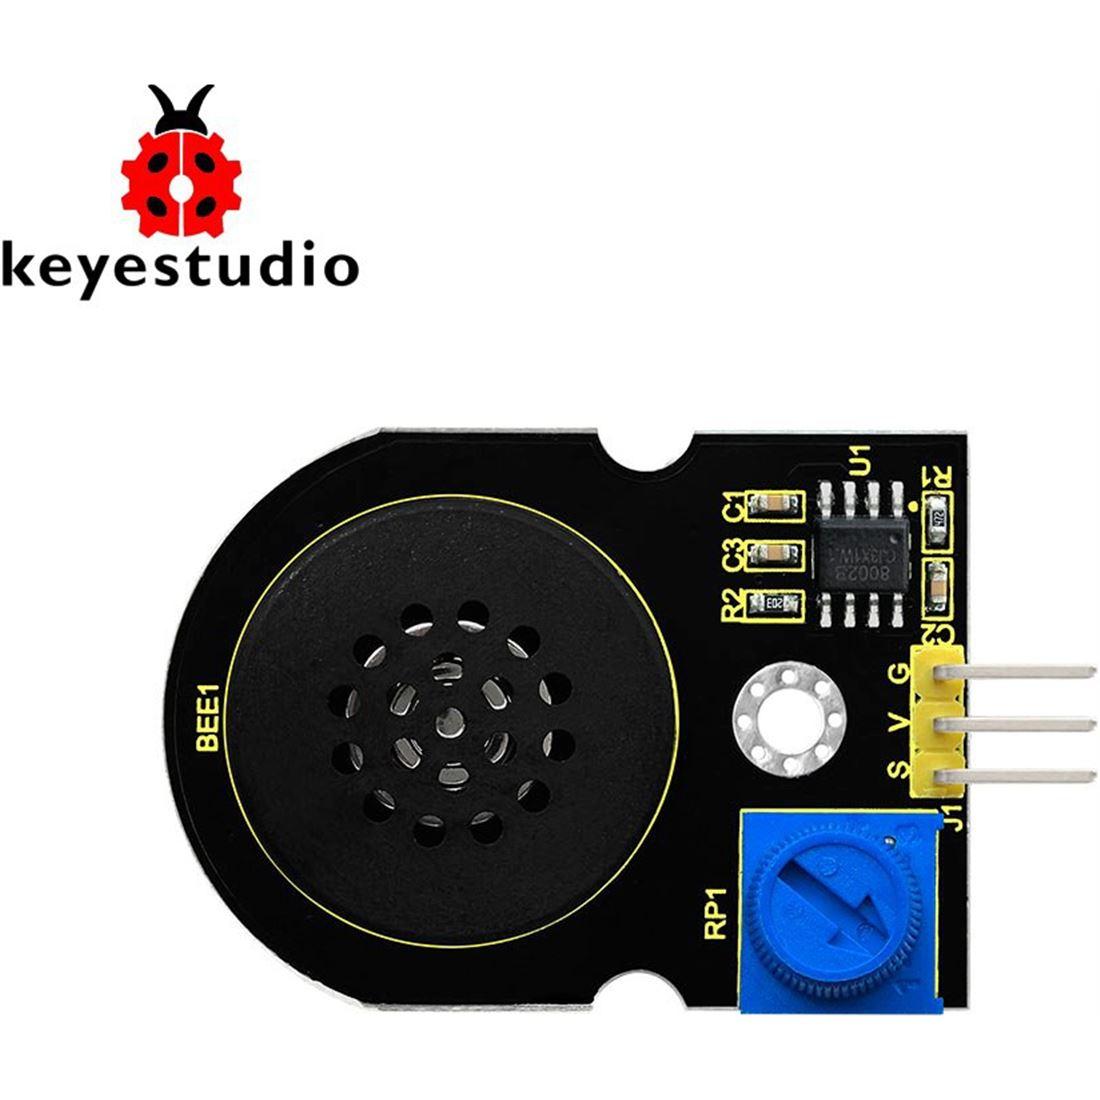 Keyestudio Altavoz con amplificador de potencia de audio